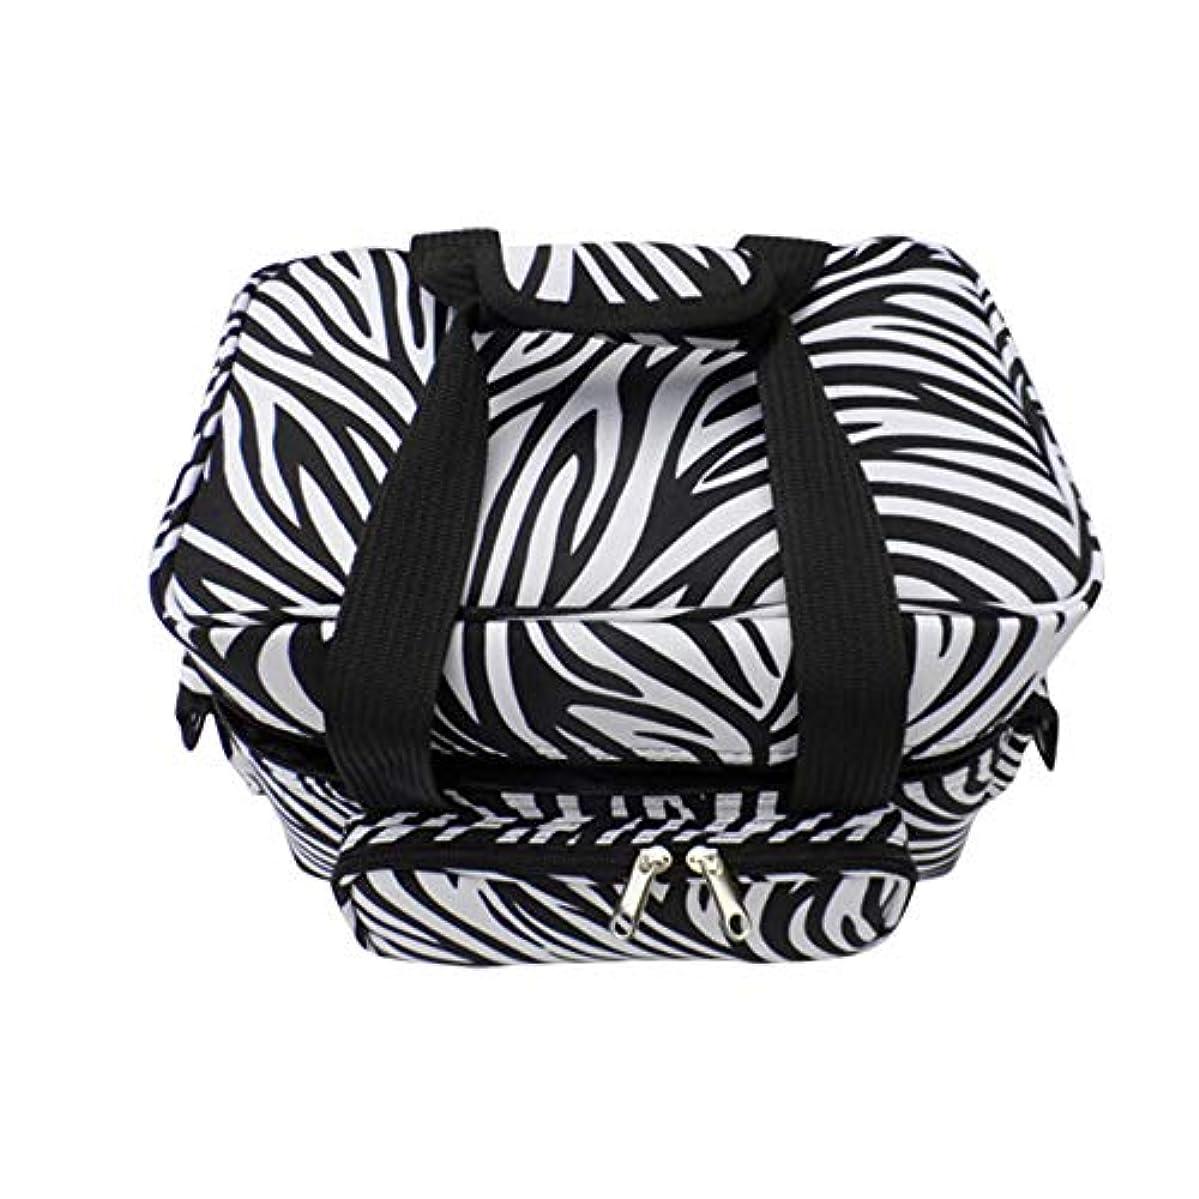 ルアー理由イサカ化粧オーガナイザーバッグ ゼブラストライプポータブル化粧品バッグ美容メイクアップと女の子女性旅行とジッパーとトレイで毎日のストレージ 化粧品ケース